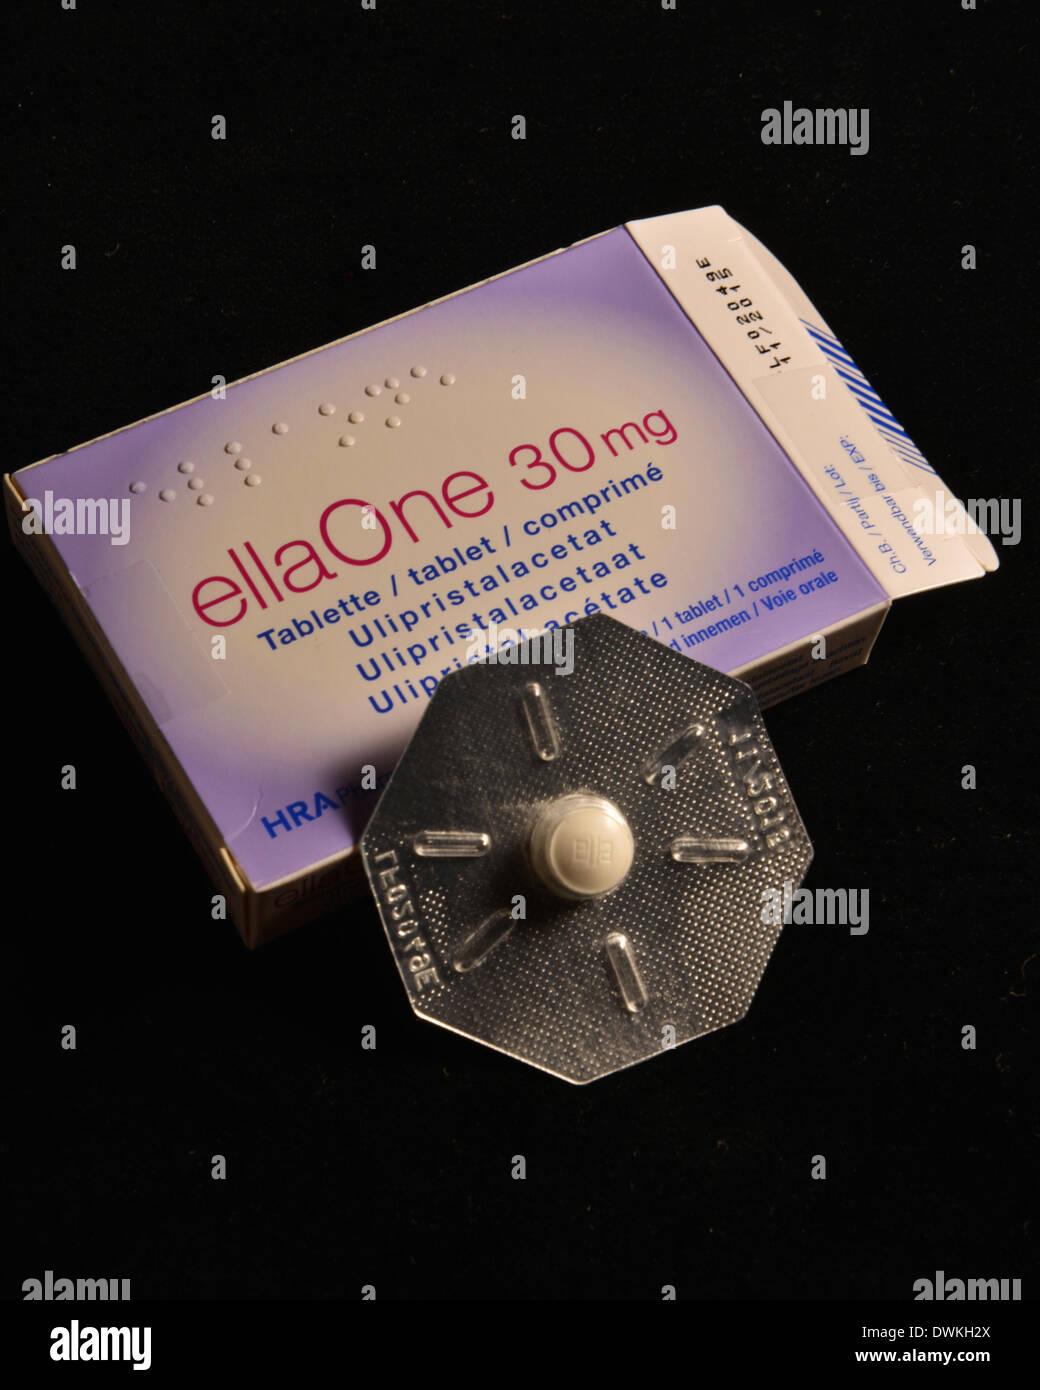 Photo symbole de la pilule du lendemain. Ces préparations sont en partie la controverse dans l'Église catholique pour diverses raisons religieuses. Banque D'Images